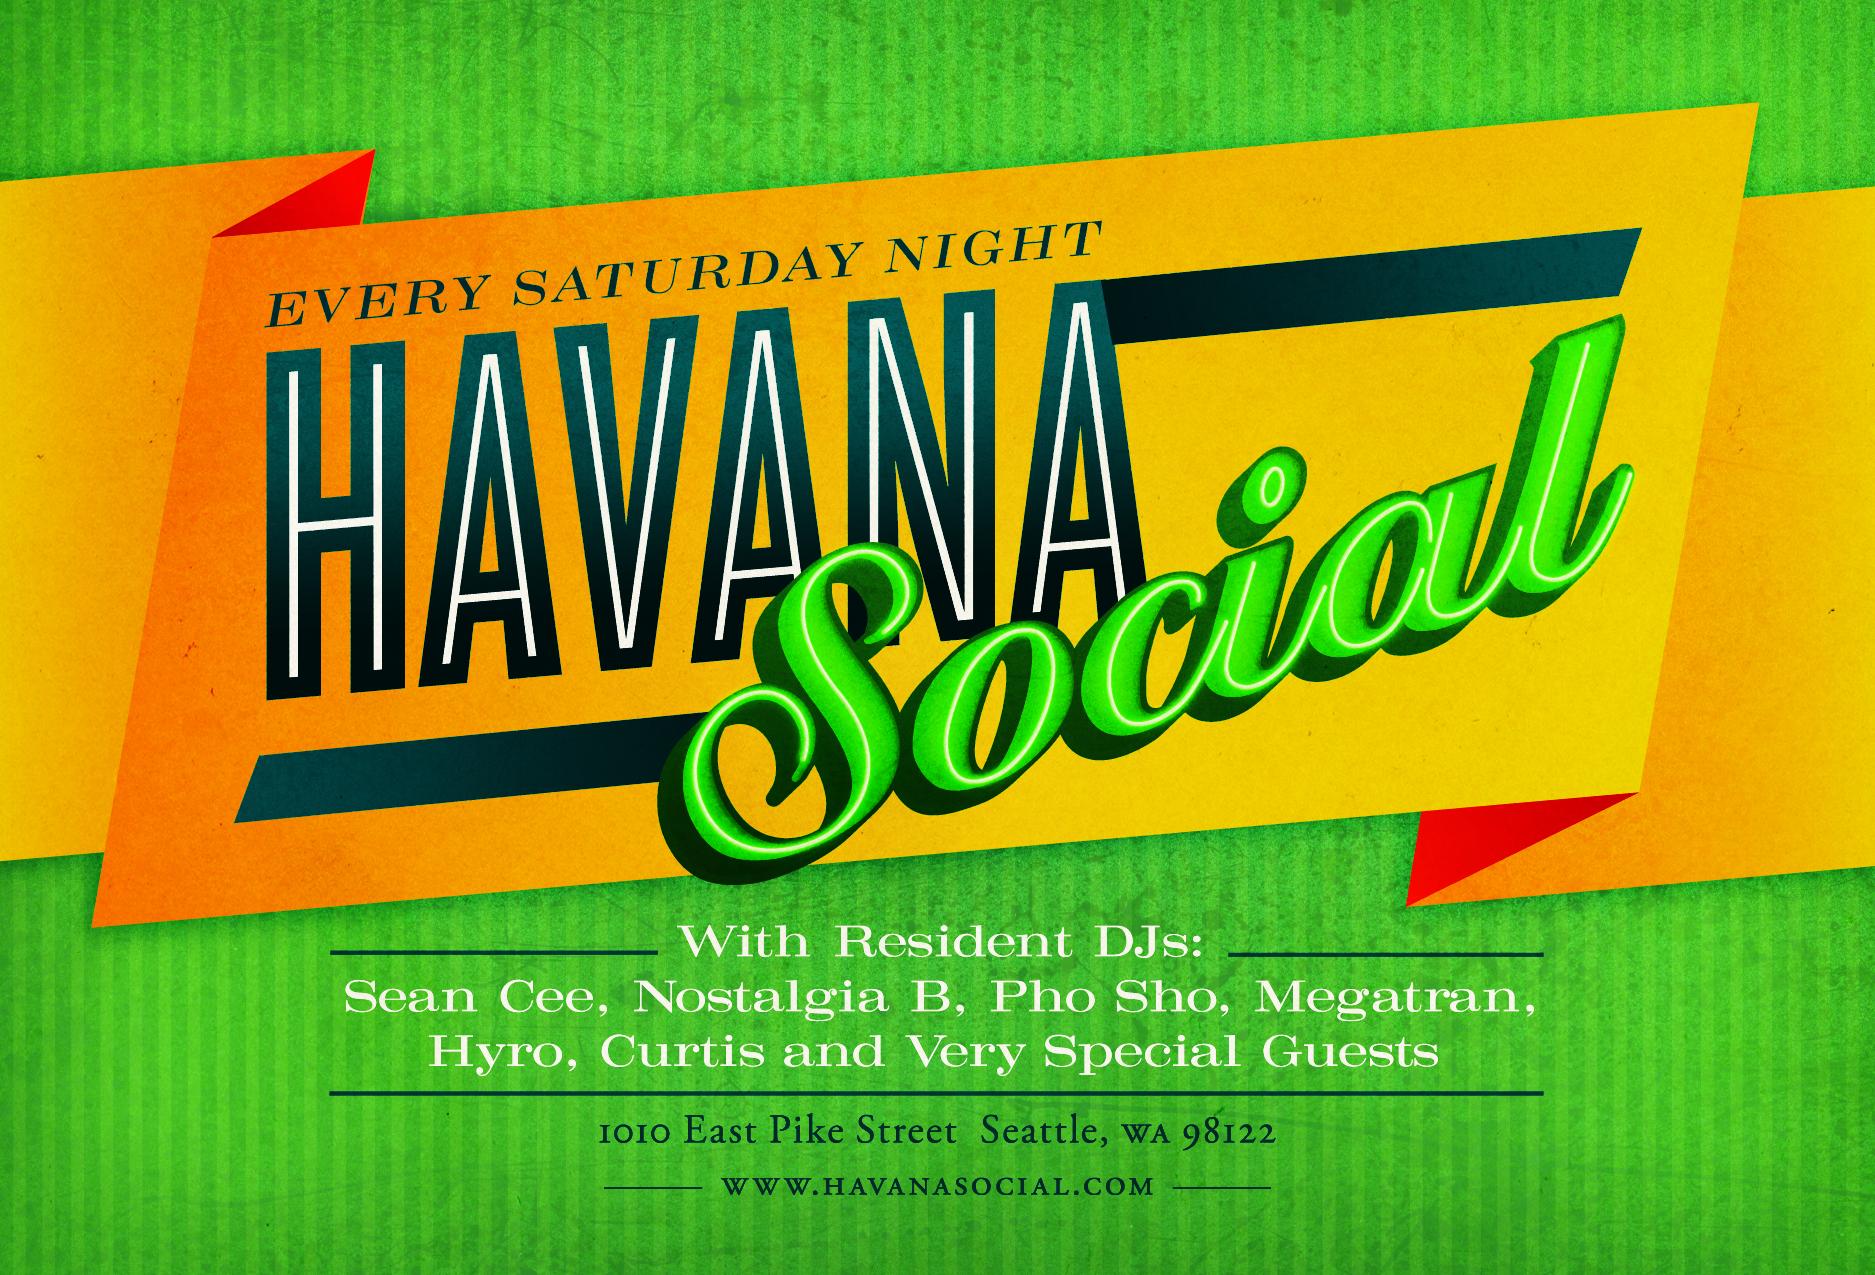 Havana_Postcard_2016_2.jpg